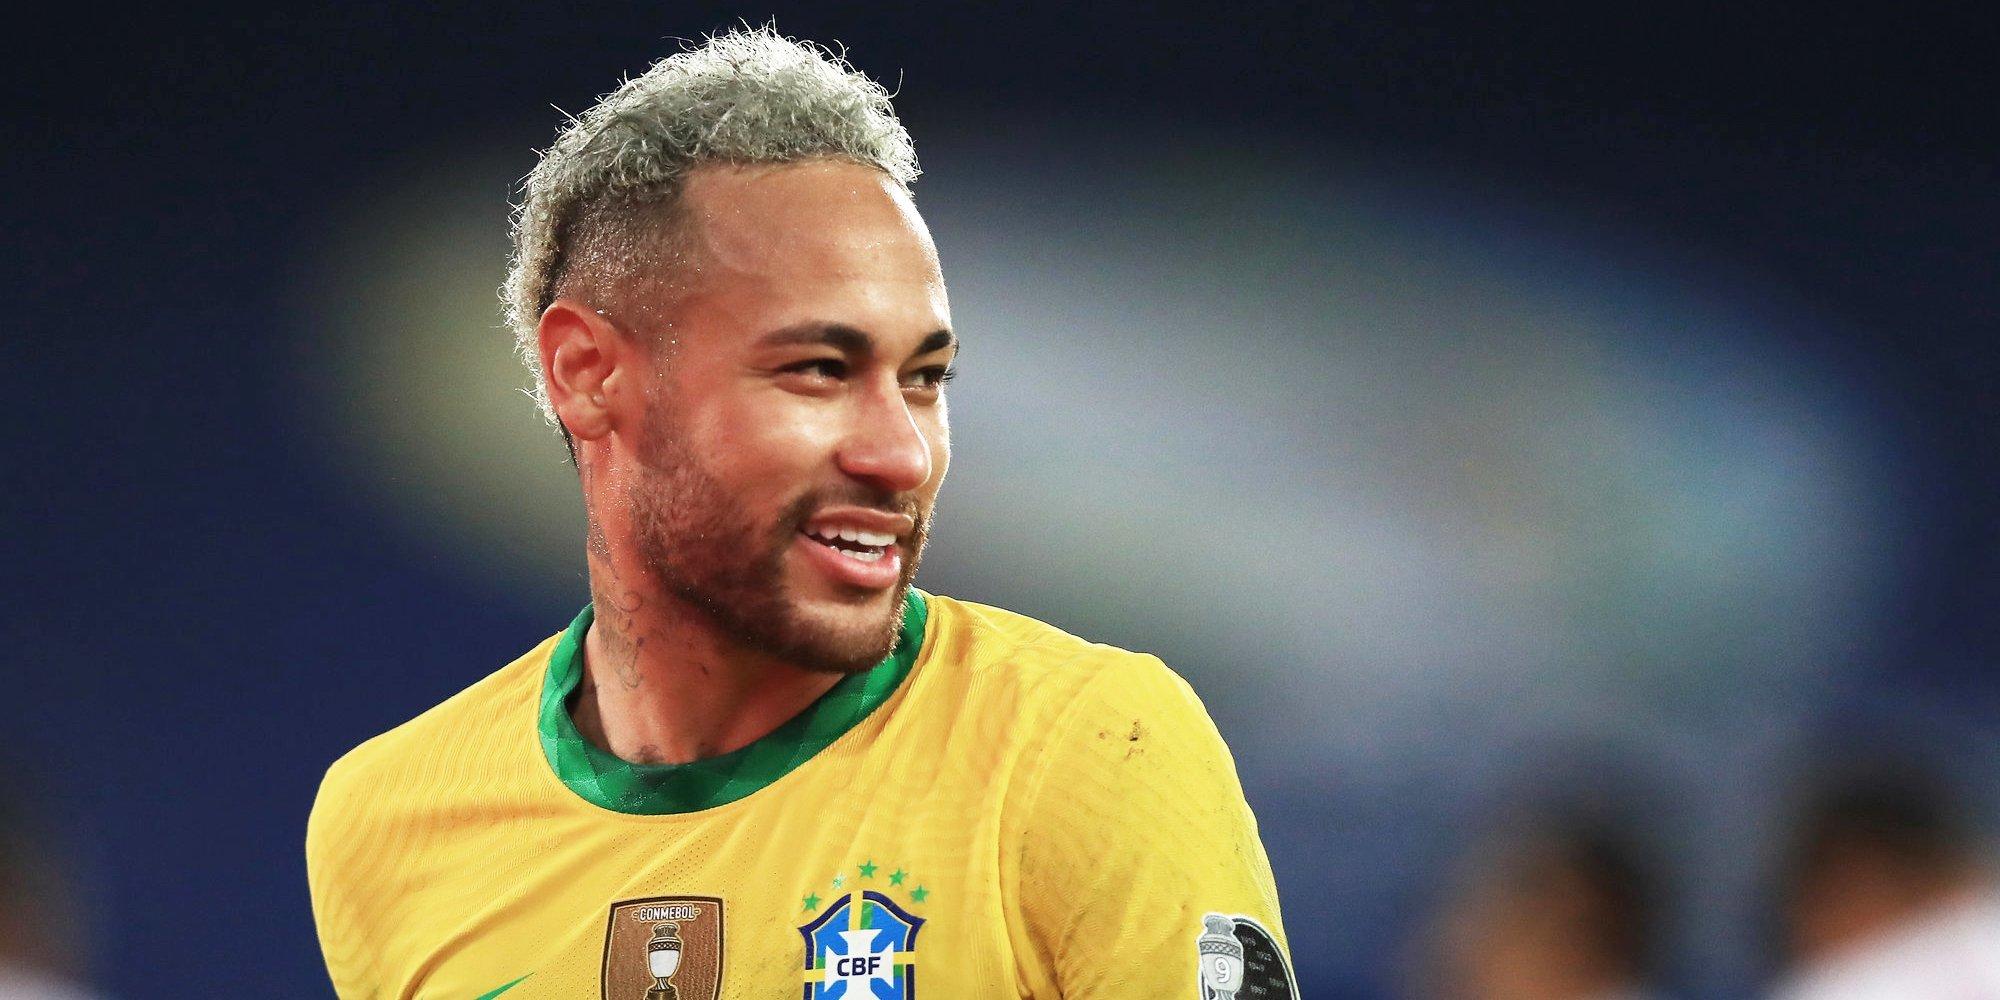 Неймар: «Спасибо, Боже, что дал мне исполнить мечту носить футболку сборной Бразилии»